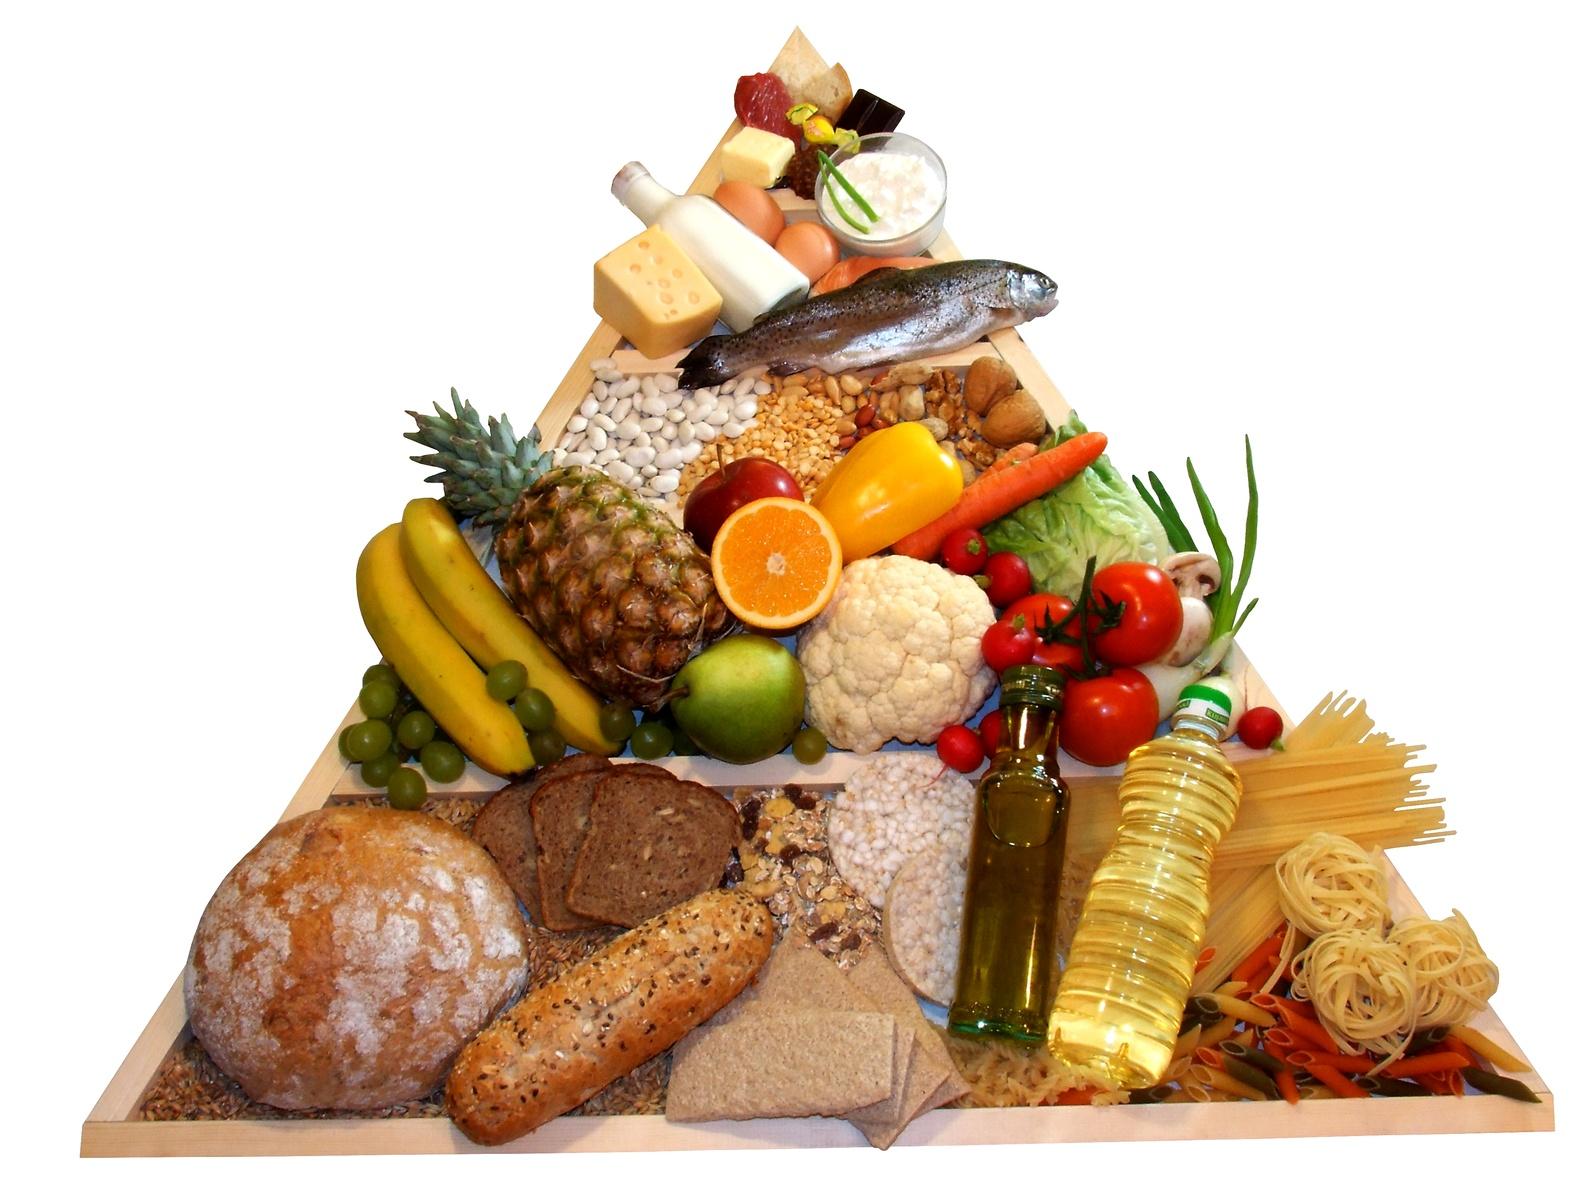 Fabrizio Biondi | Cucina tradizionale, o la tradizione in cucina?